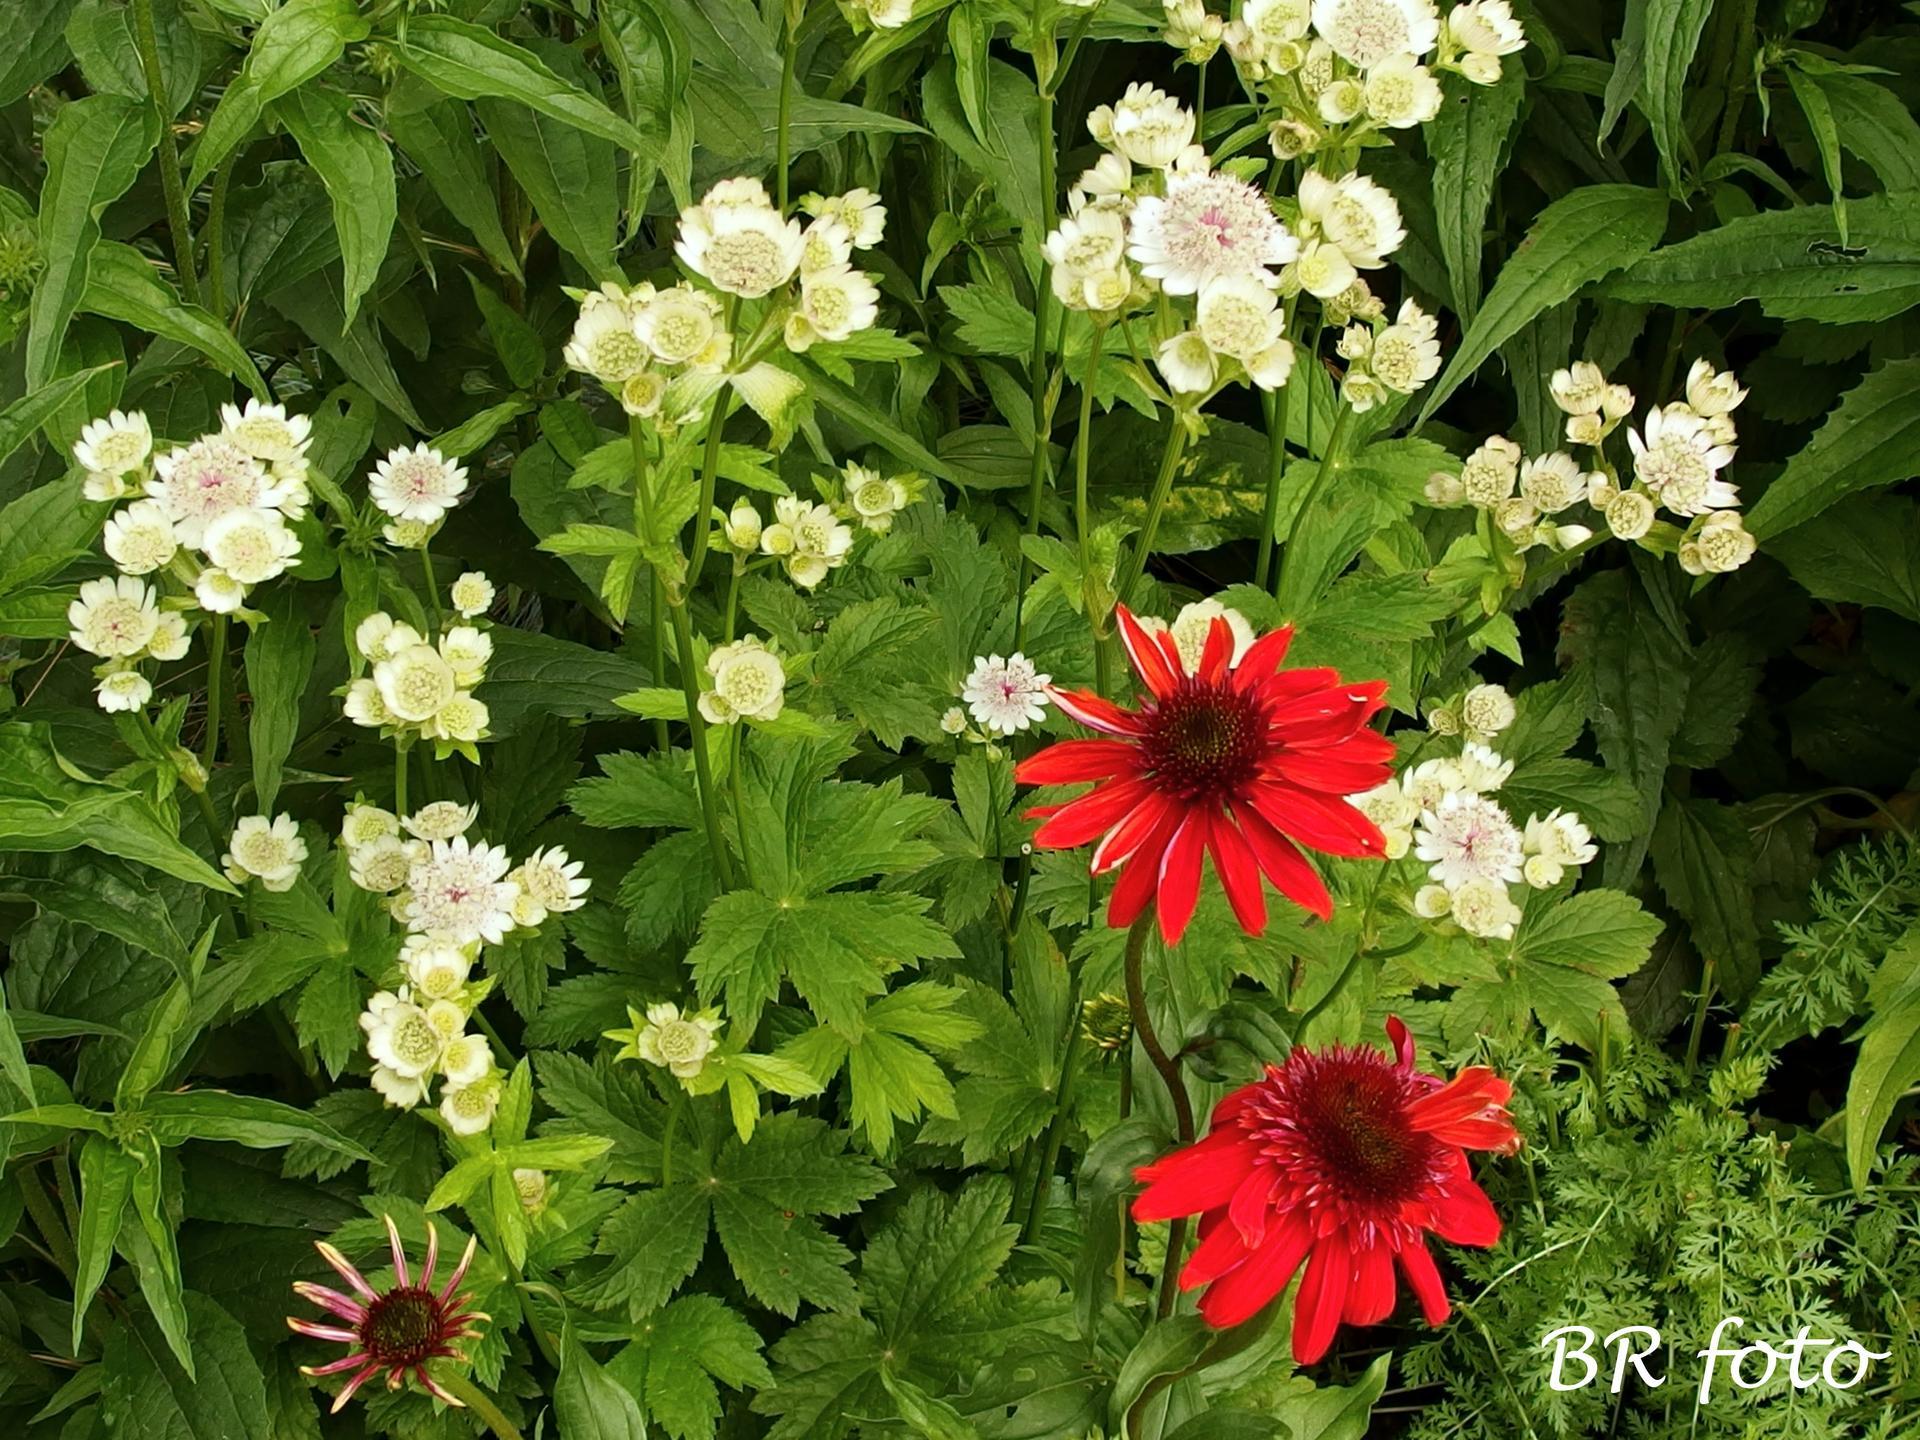 Zahrada v červnu - vše roste a kvete jako o život.... - bílá jarmanka a červená echinacea /echinacea eccentric/